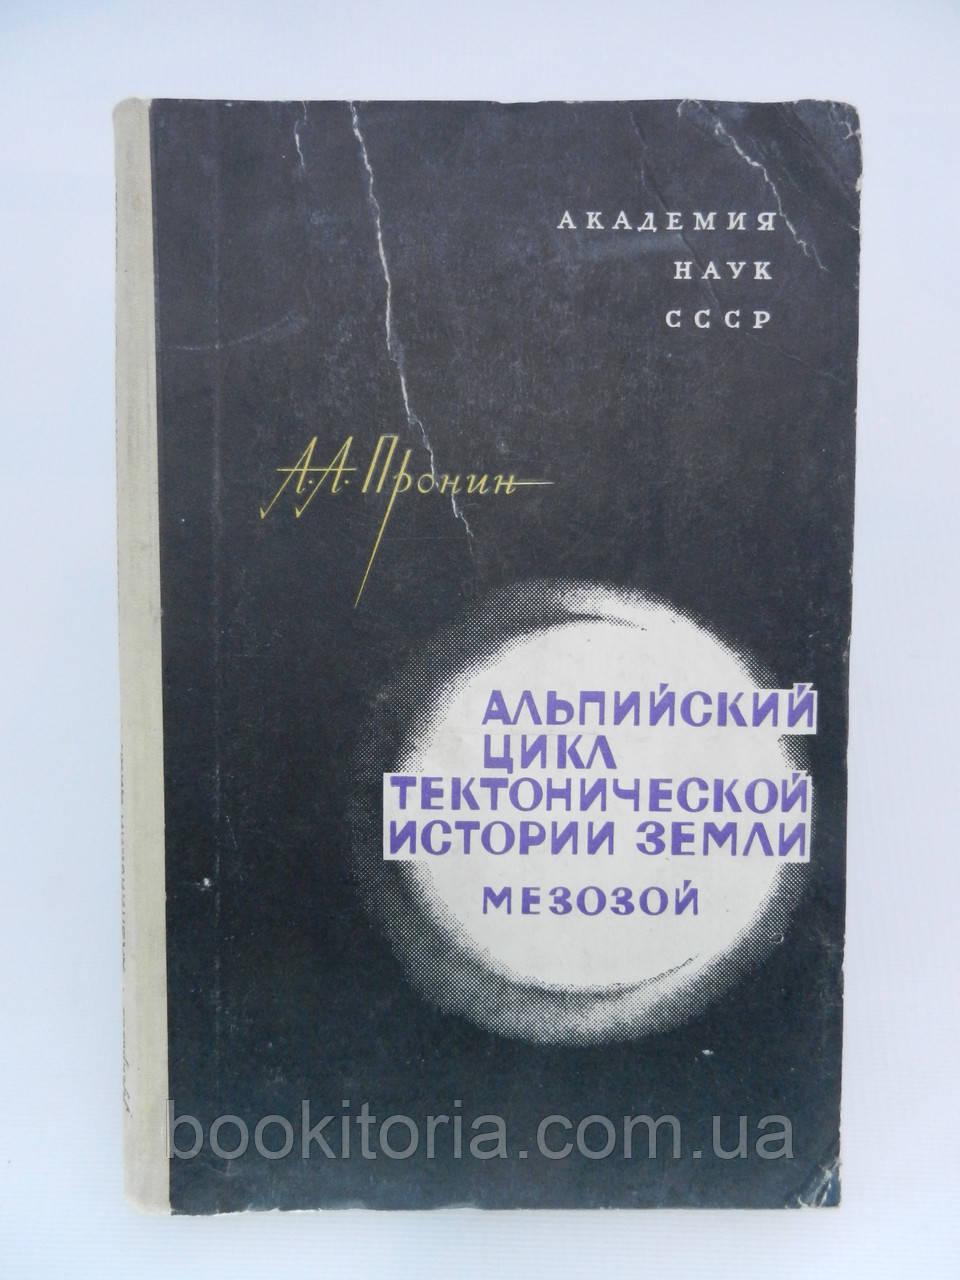 Пронин А.А. Альпийский цикл тектонической истории Земли (б/у).